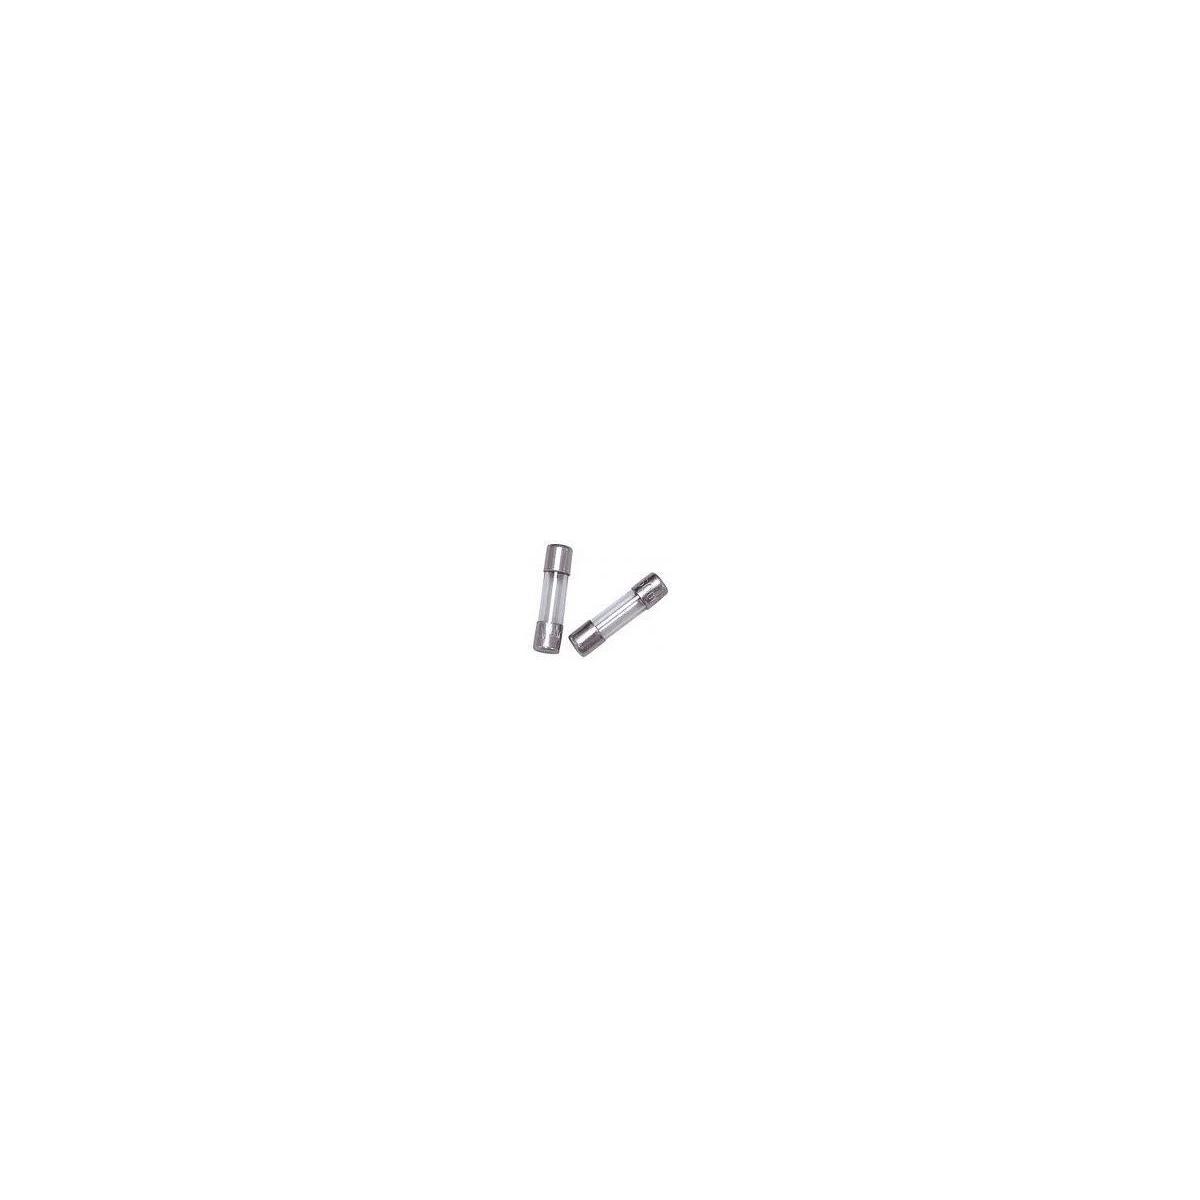 FUSIVEL - F RAPIDO 5X20MM (PACOTE COM 10 UNIDADES )-   2,5A